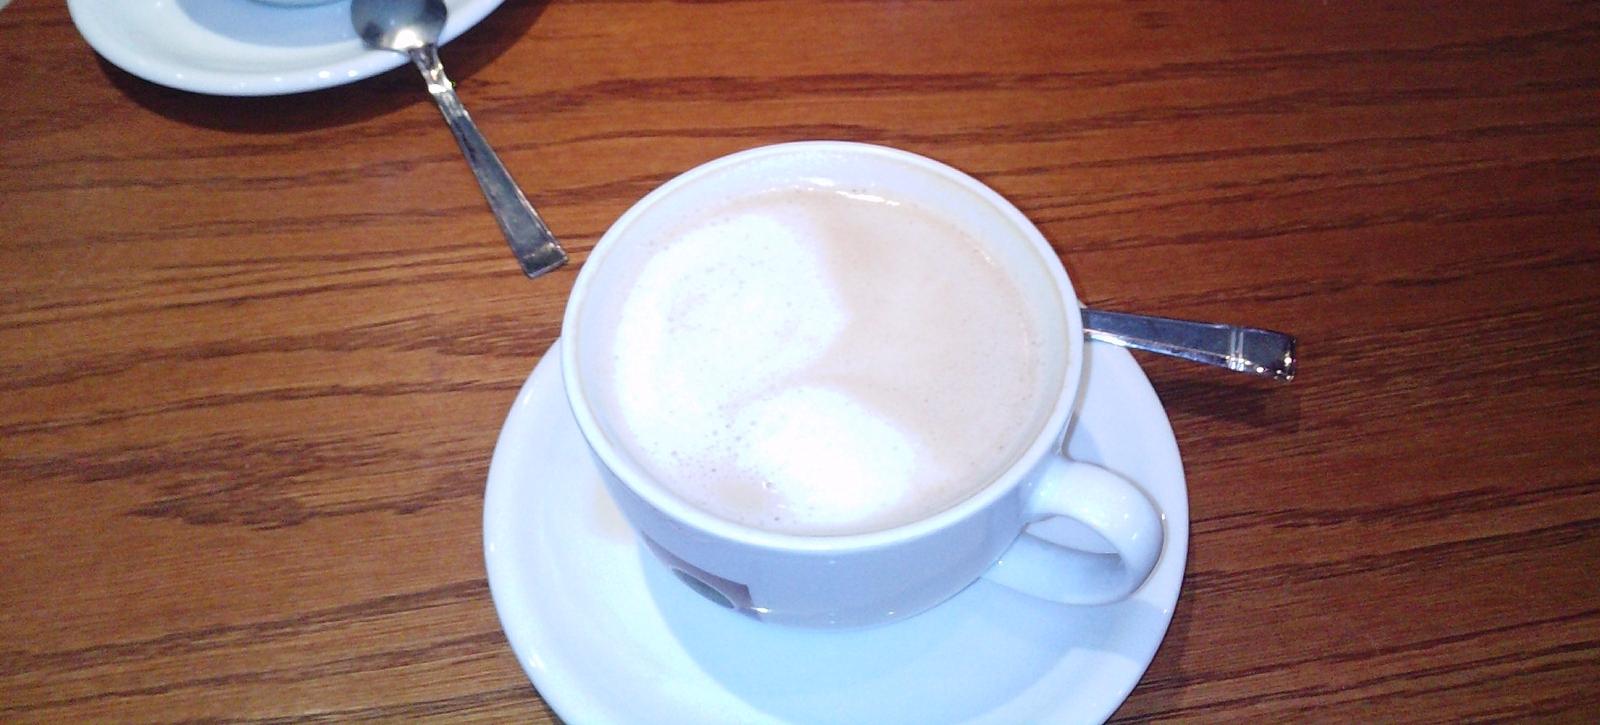 Kafija un kafijas krūze